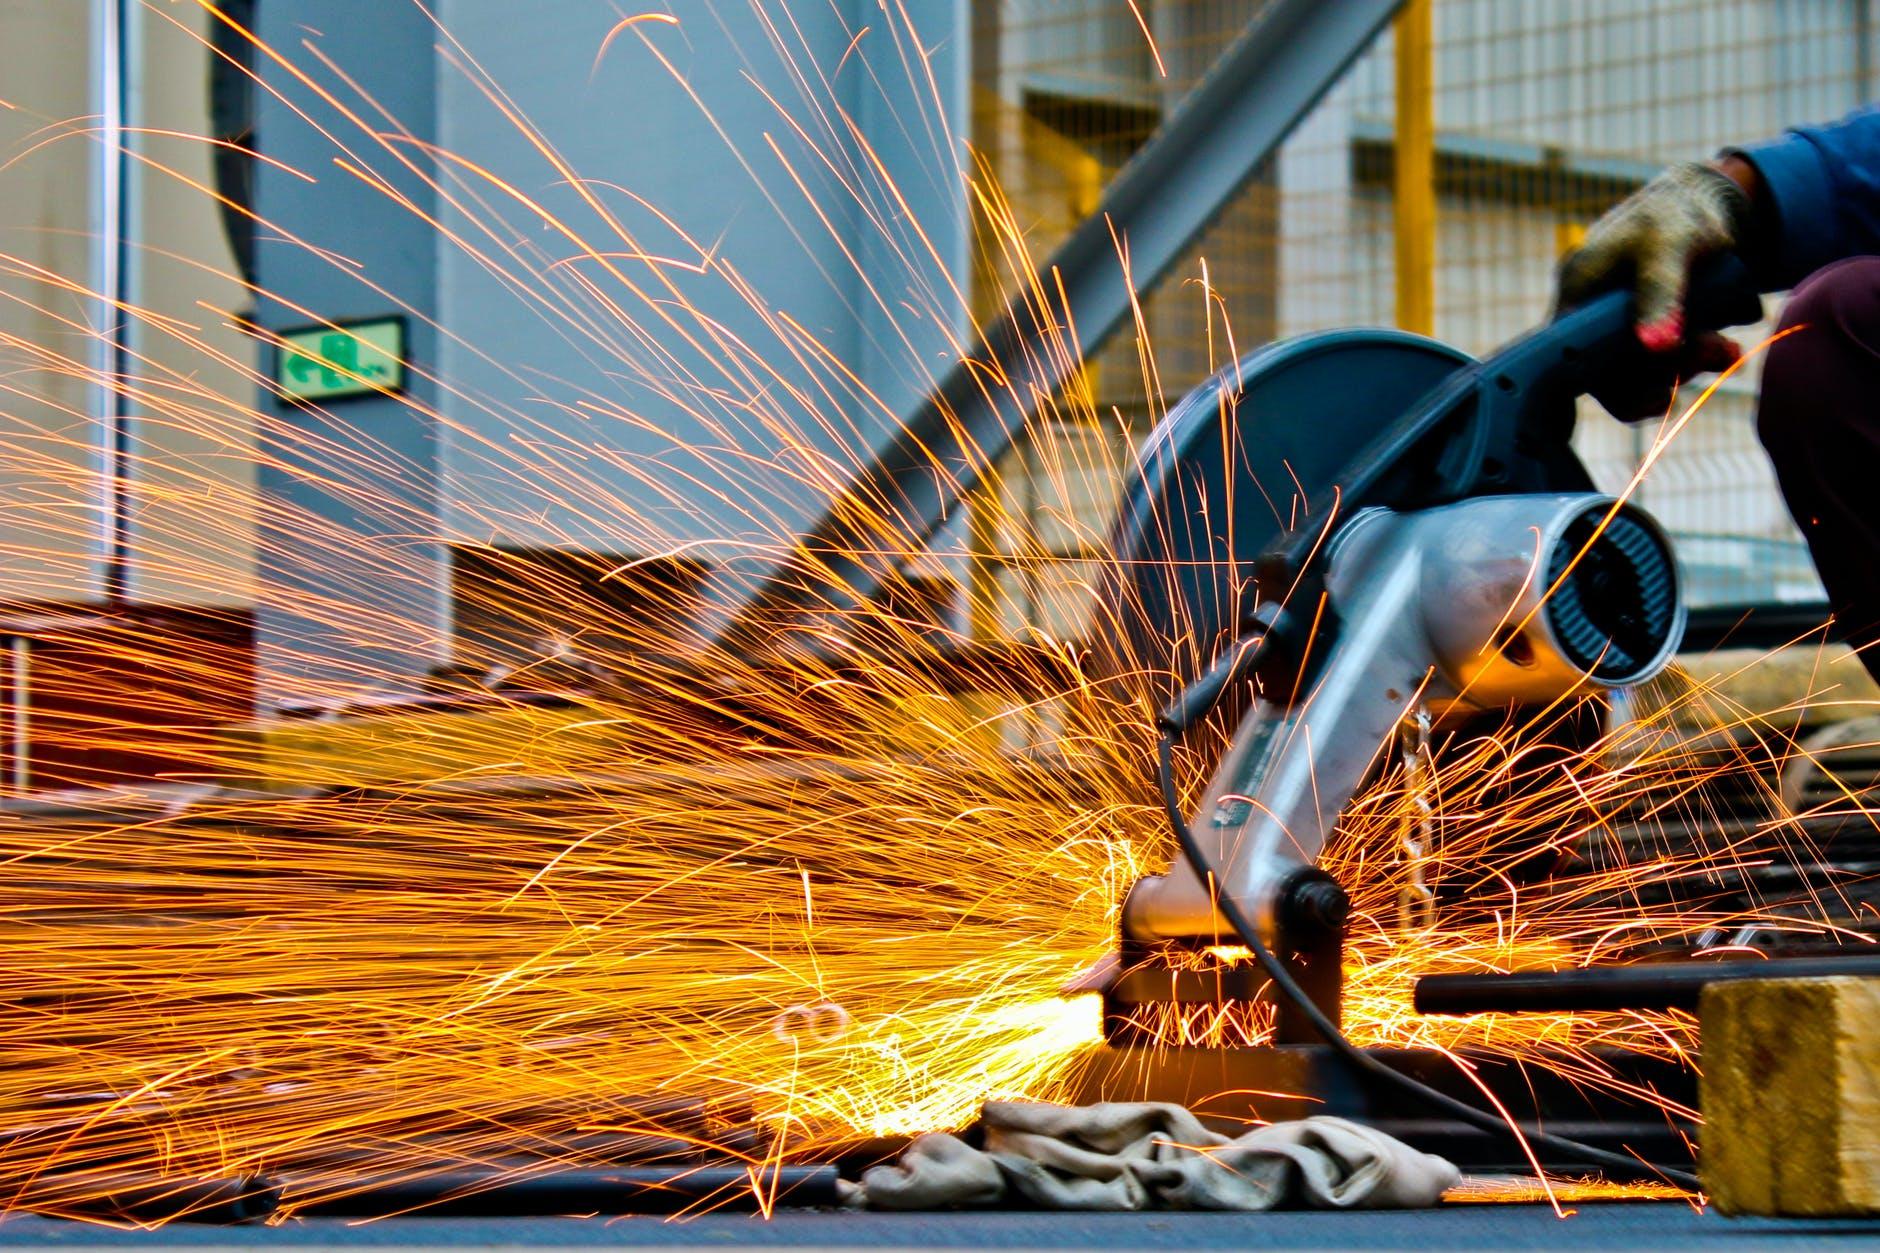 cara memotong pipa sudut 45 derajat